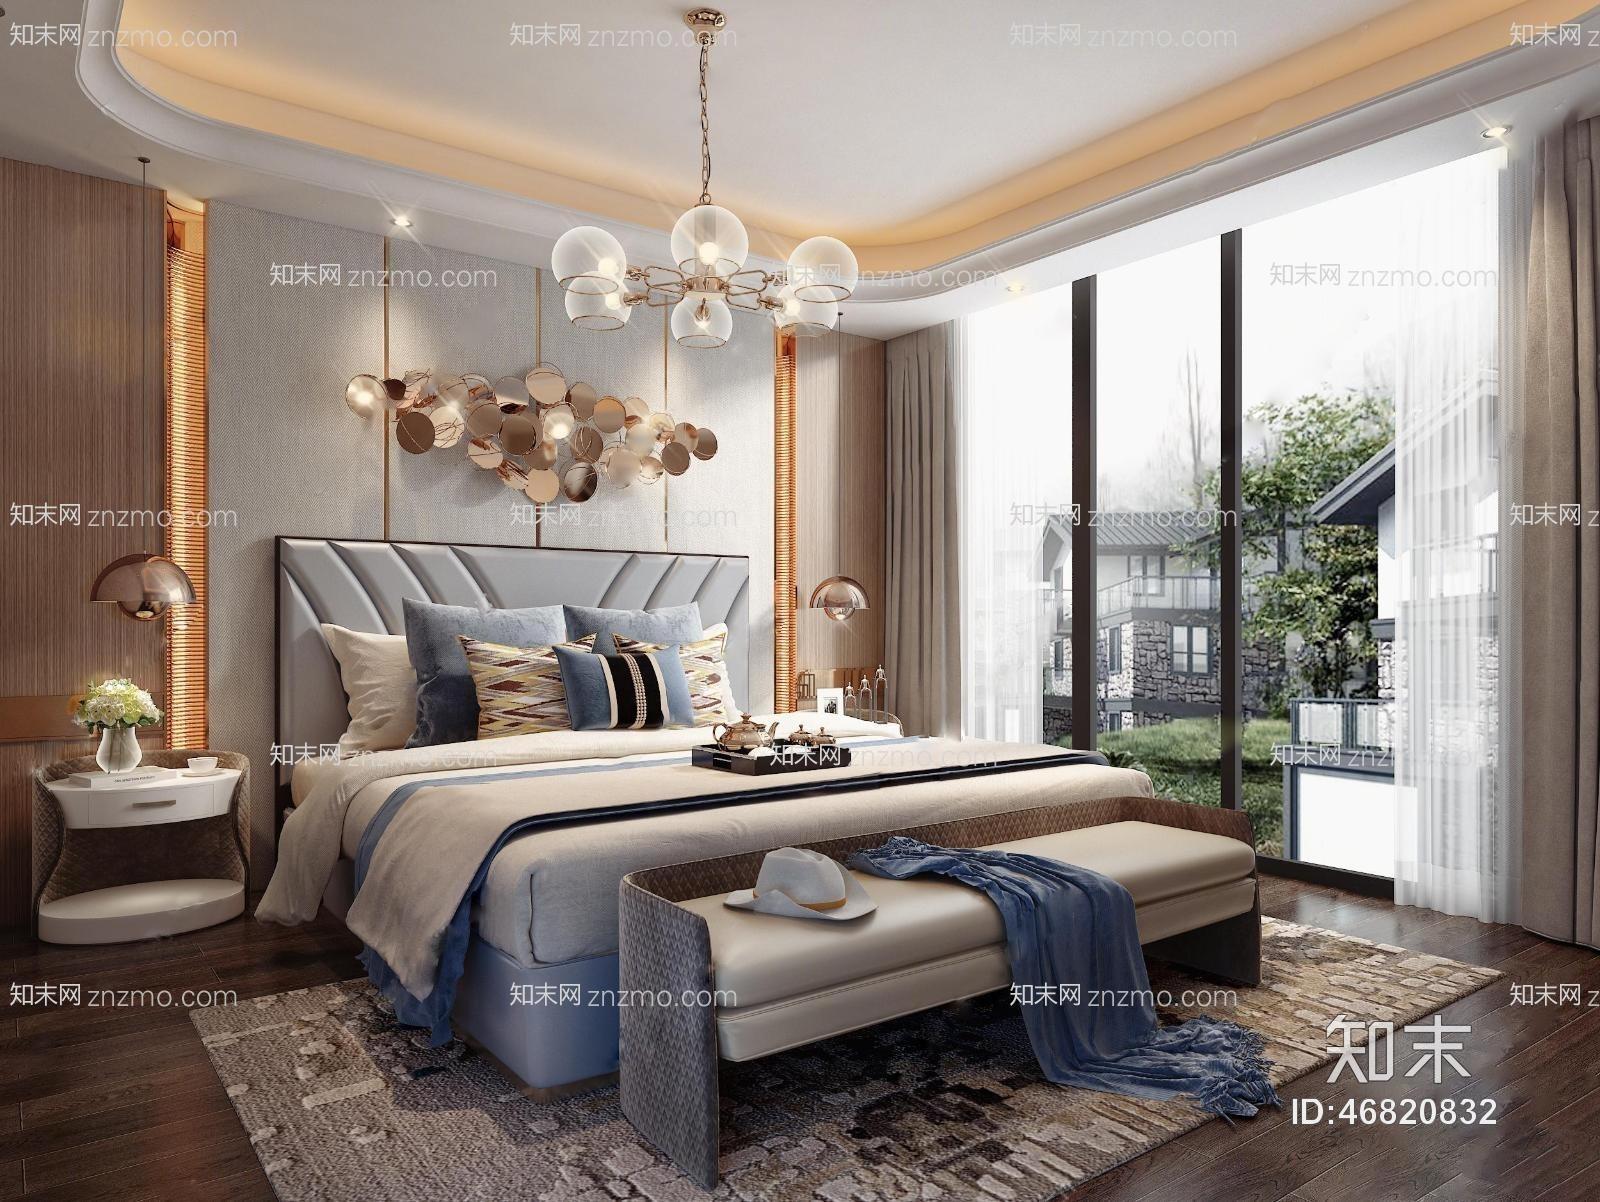 现代轻奢主人房卧室 吊灯 装饰墙 台灯 床尾凳 双人床